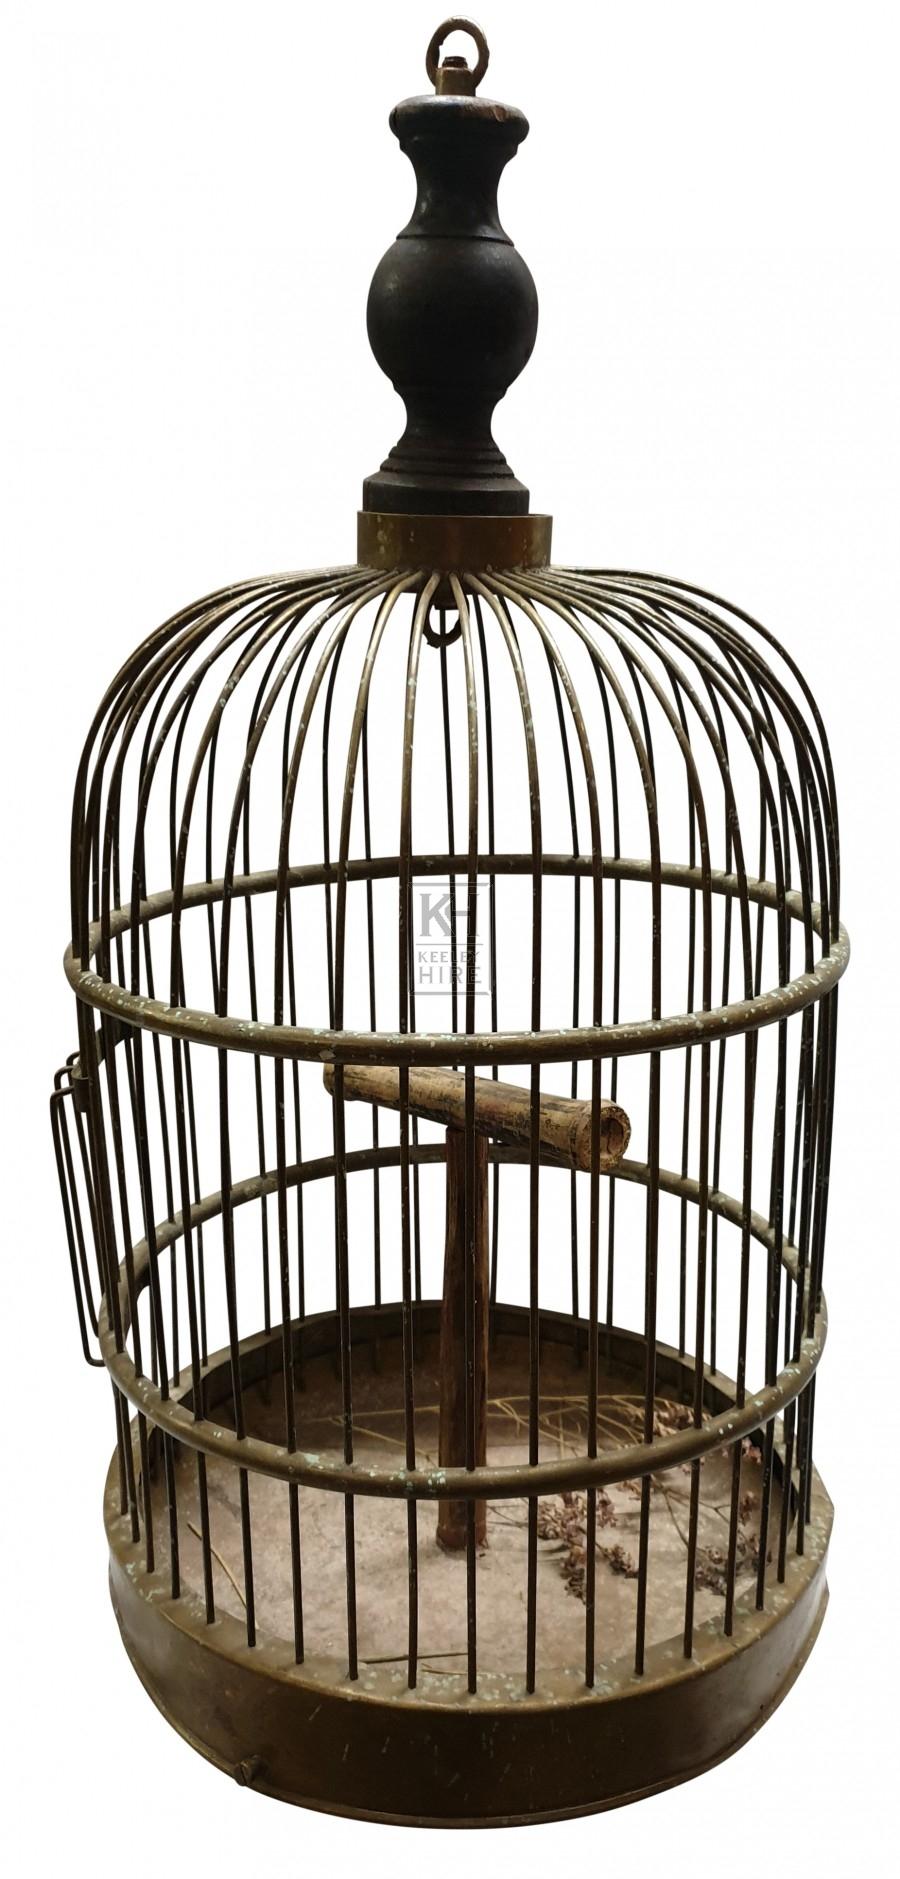 Copper dome bird cage